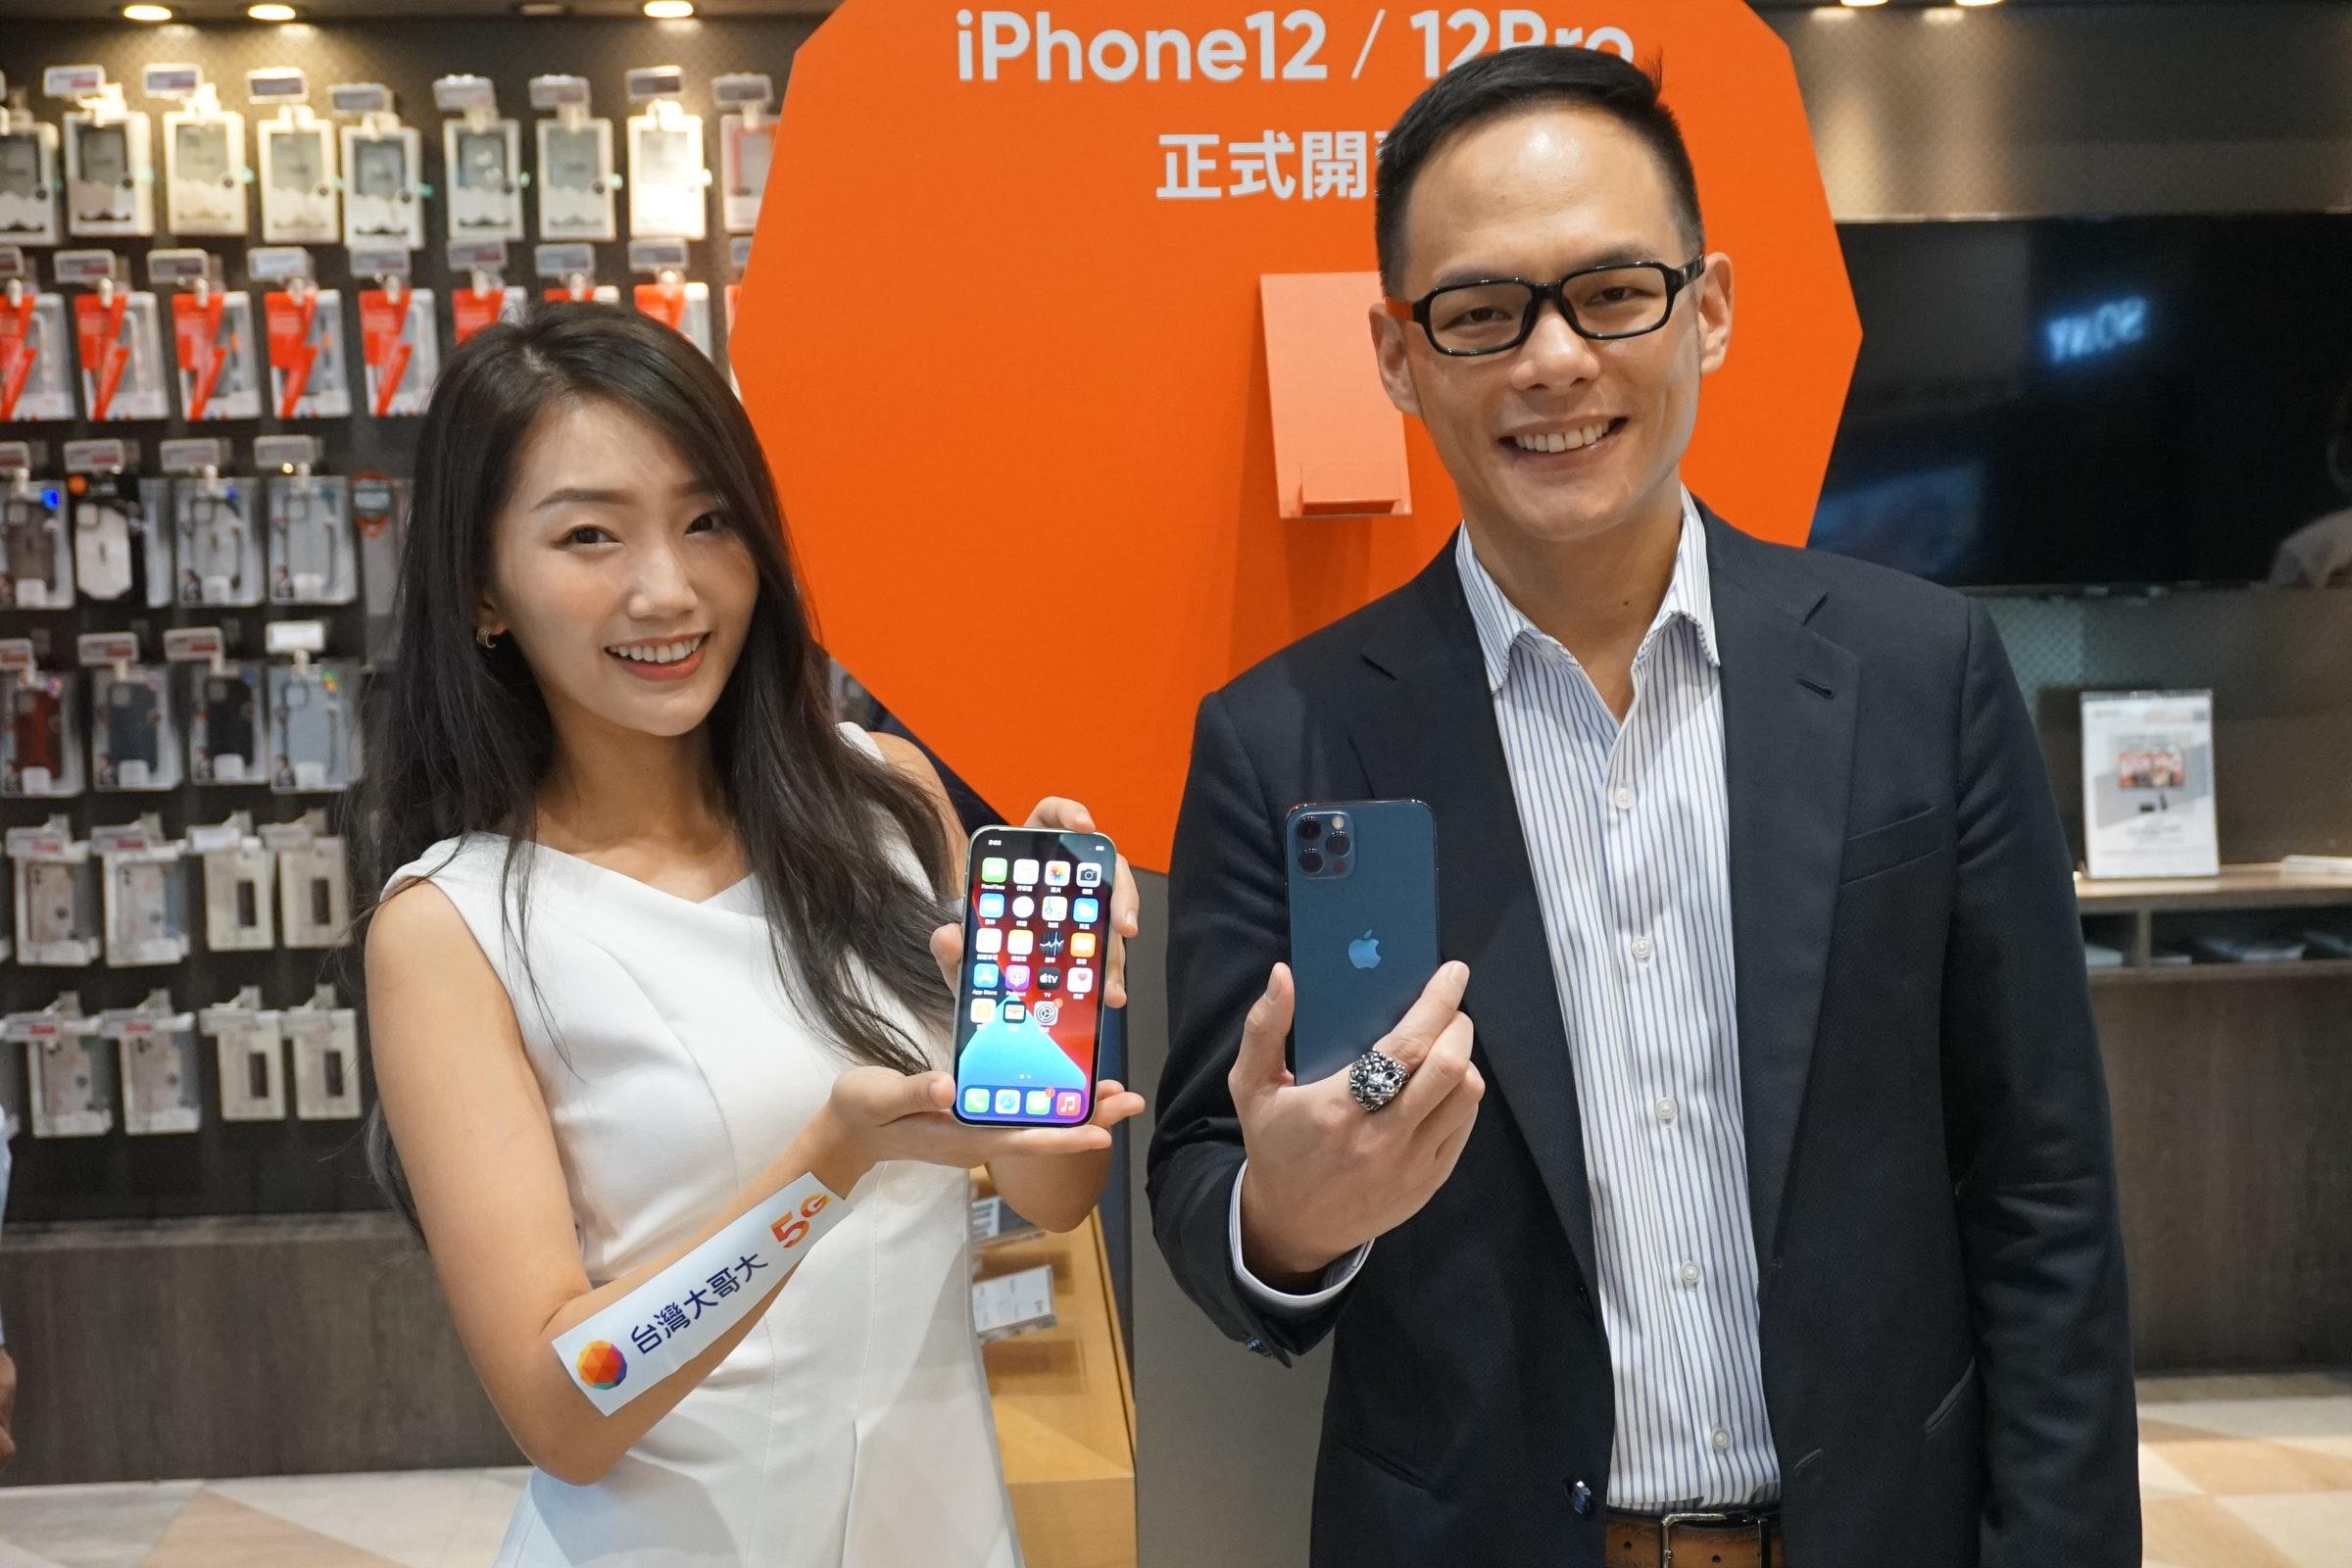 照片中提到了iPhone12 / 12P、正式開、TROR,包含了讓它成為我的iPhone、公共關係、通訊、服務、顧客